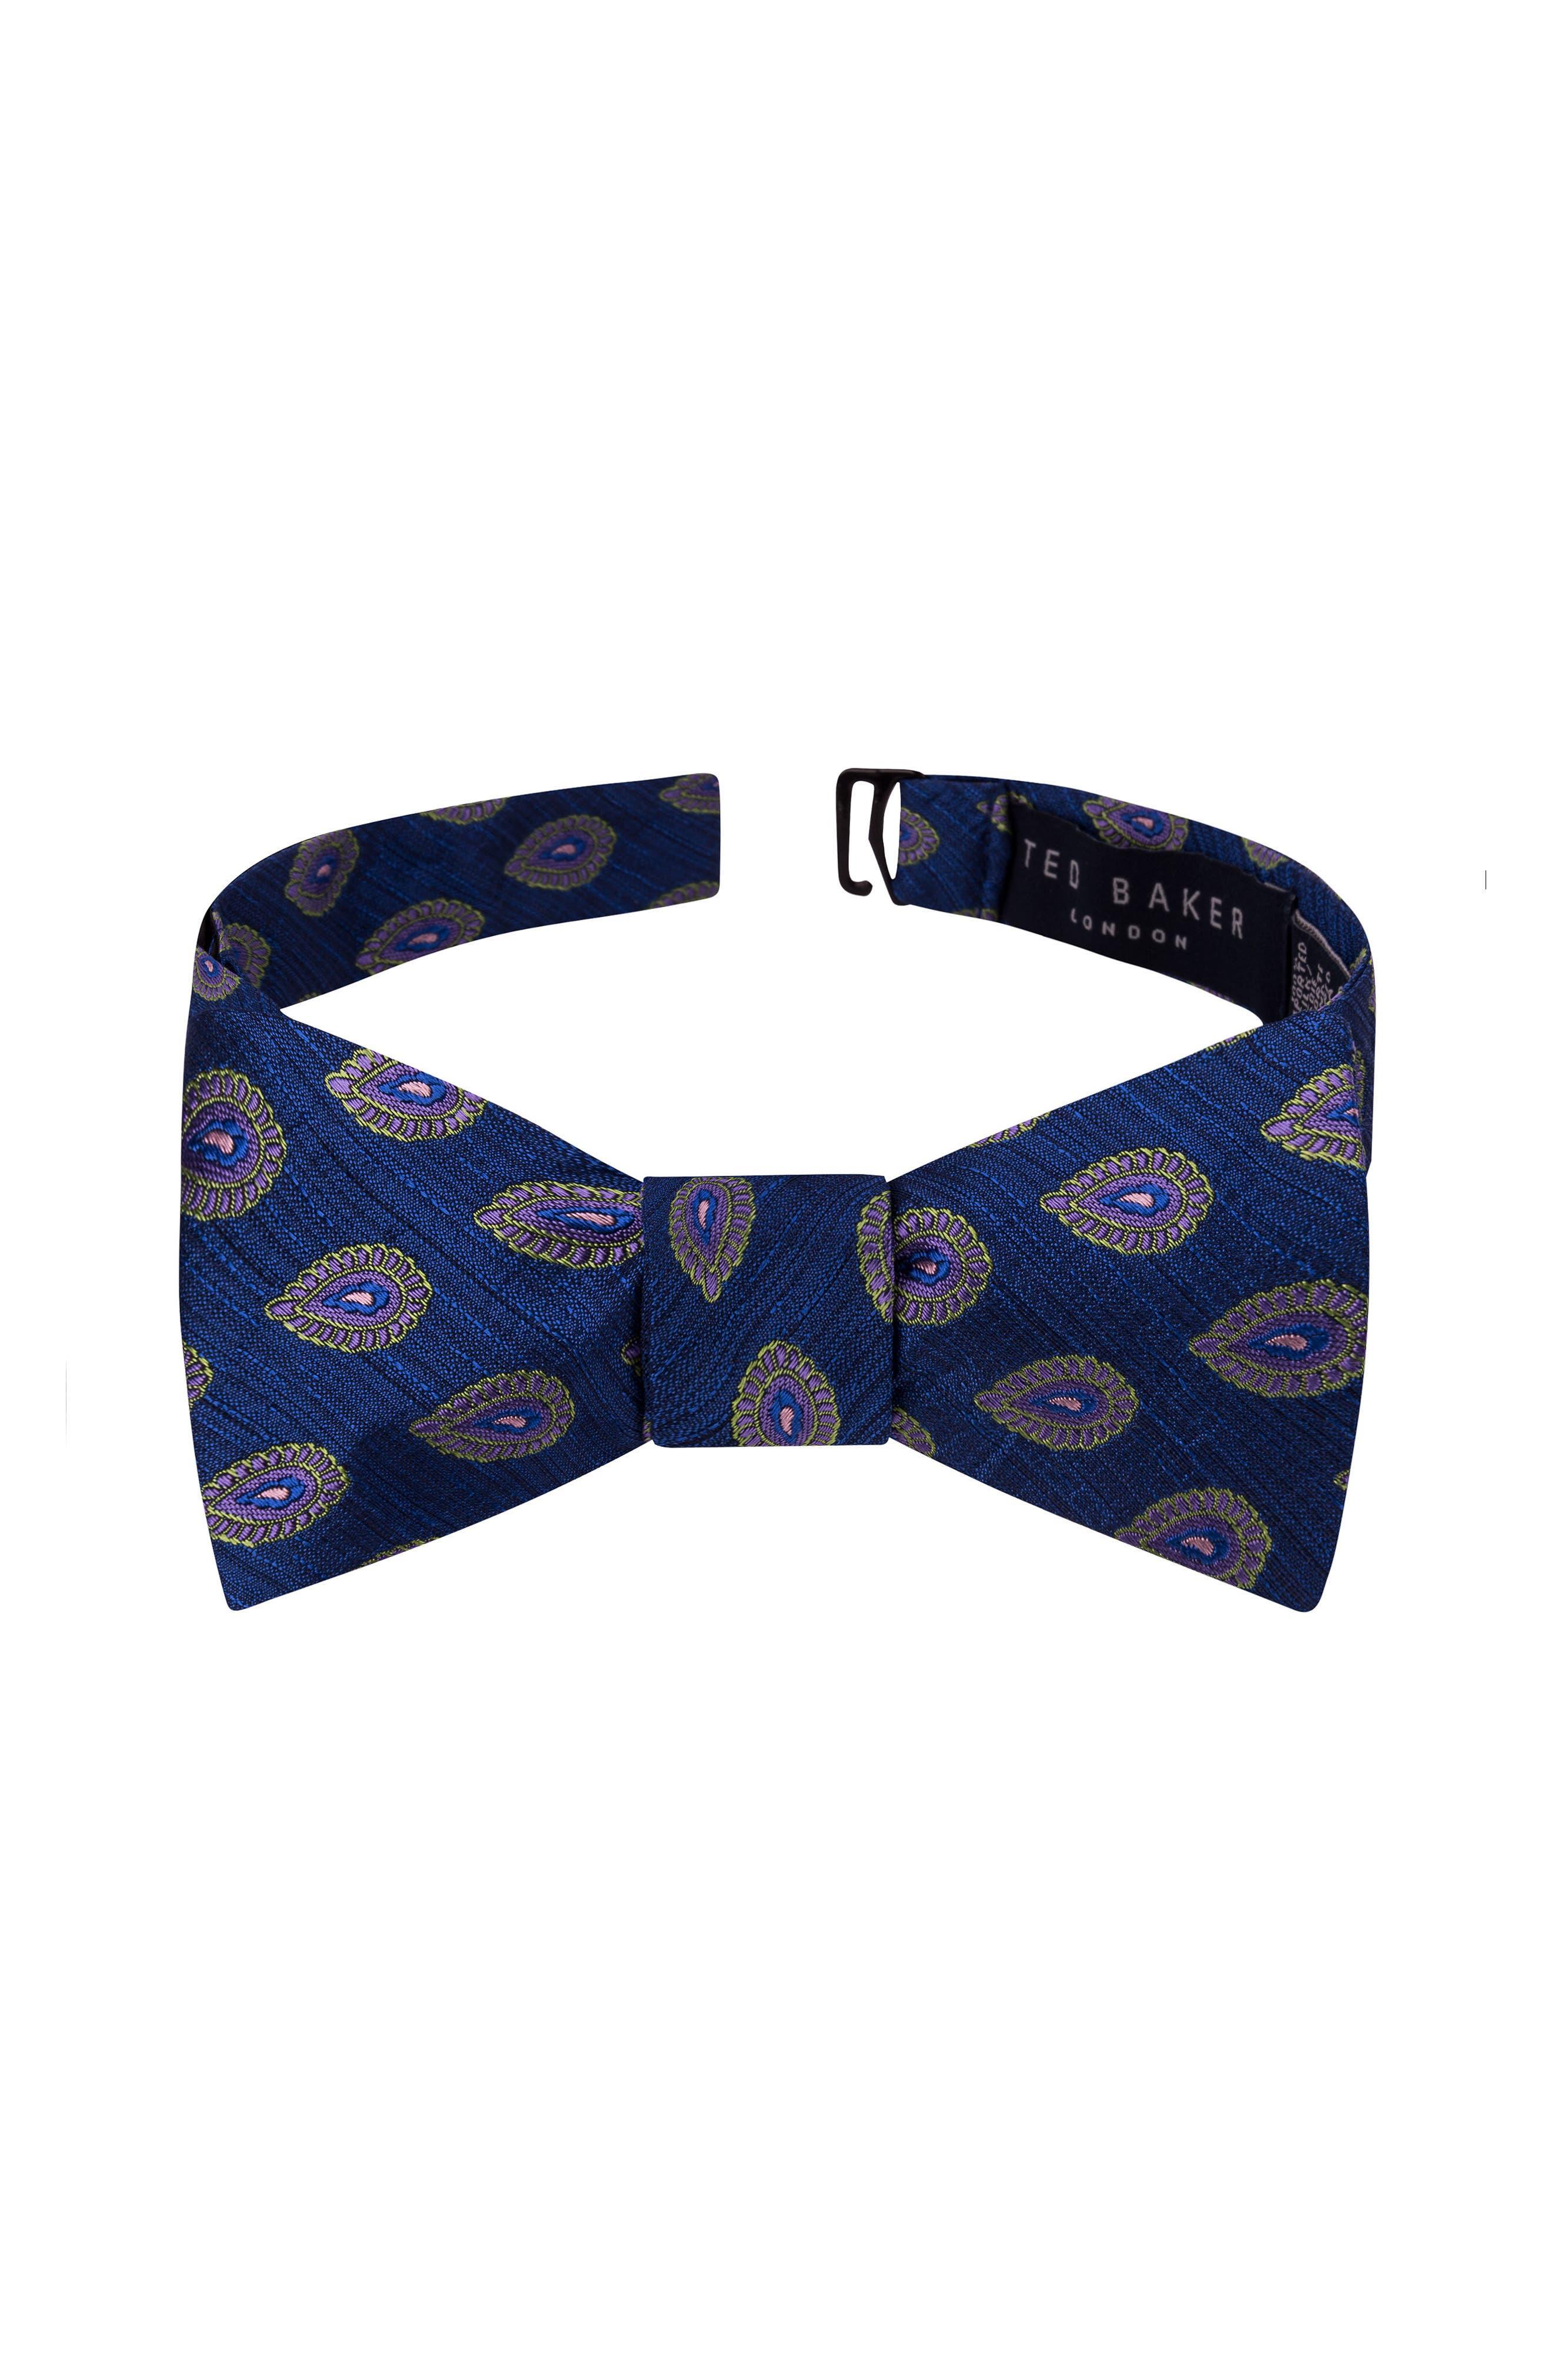 Alternate Image 1 Selected - Ted Baker London Elegant Medallion Silk Bow Tie